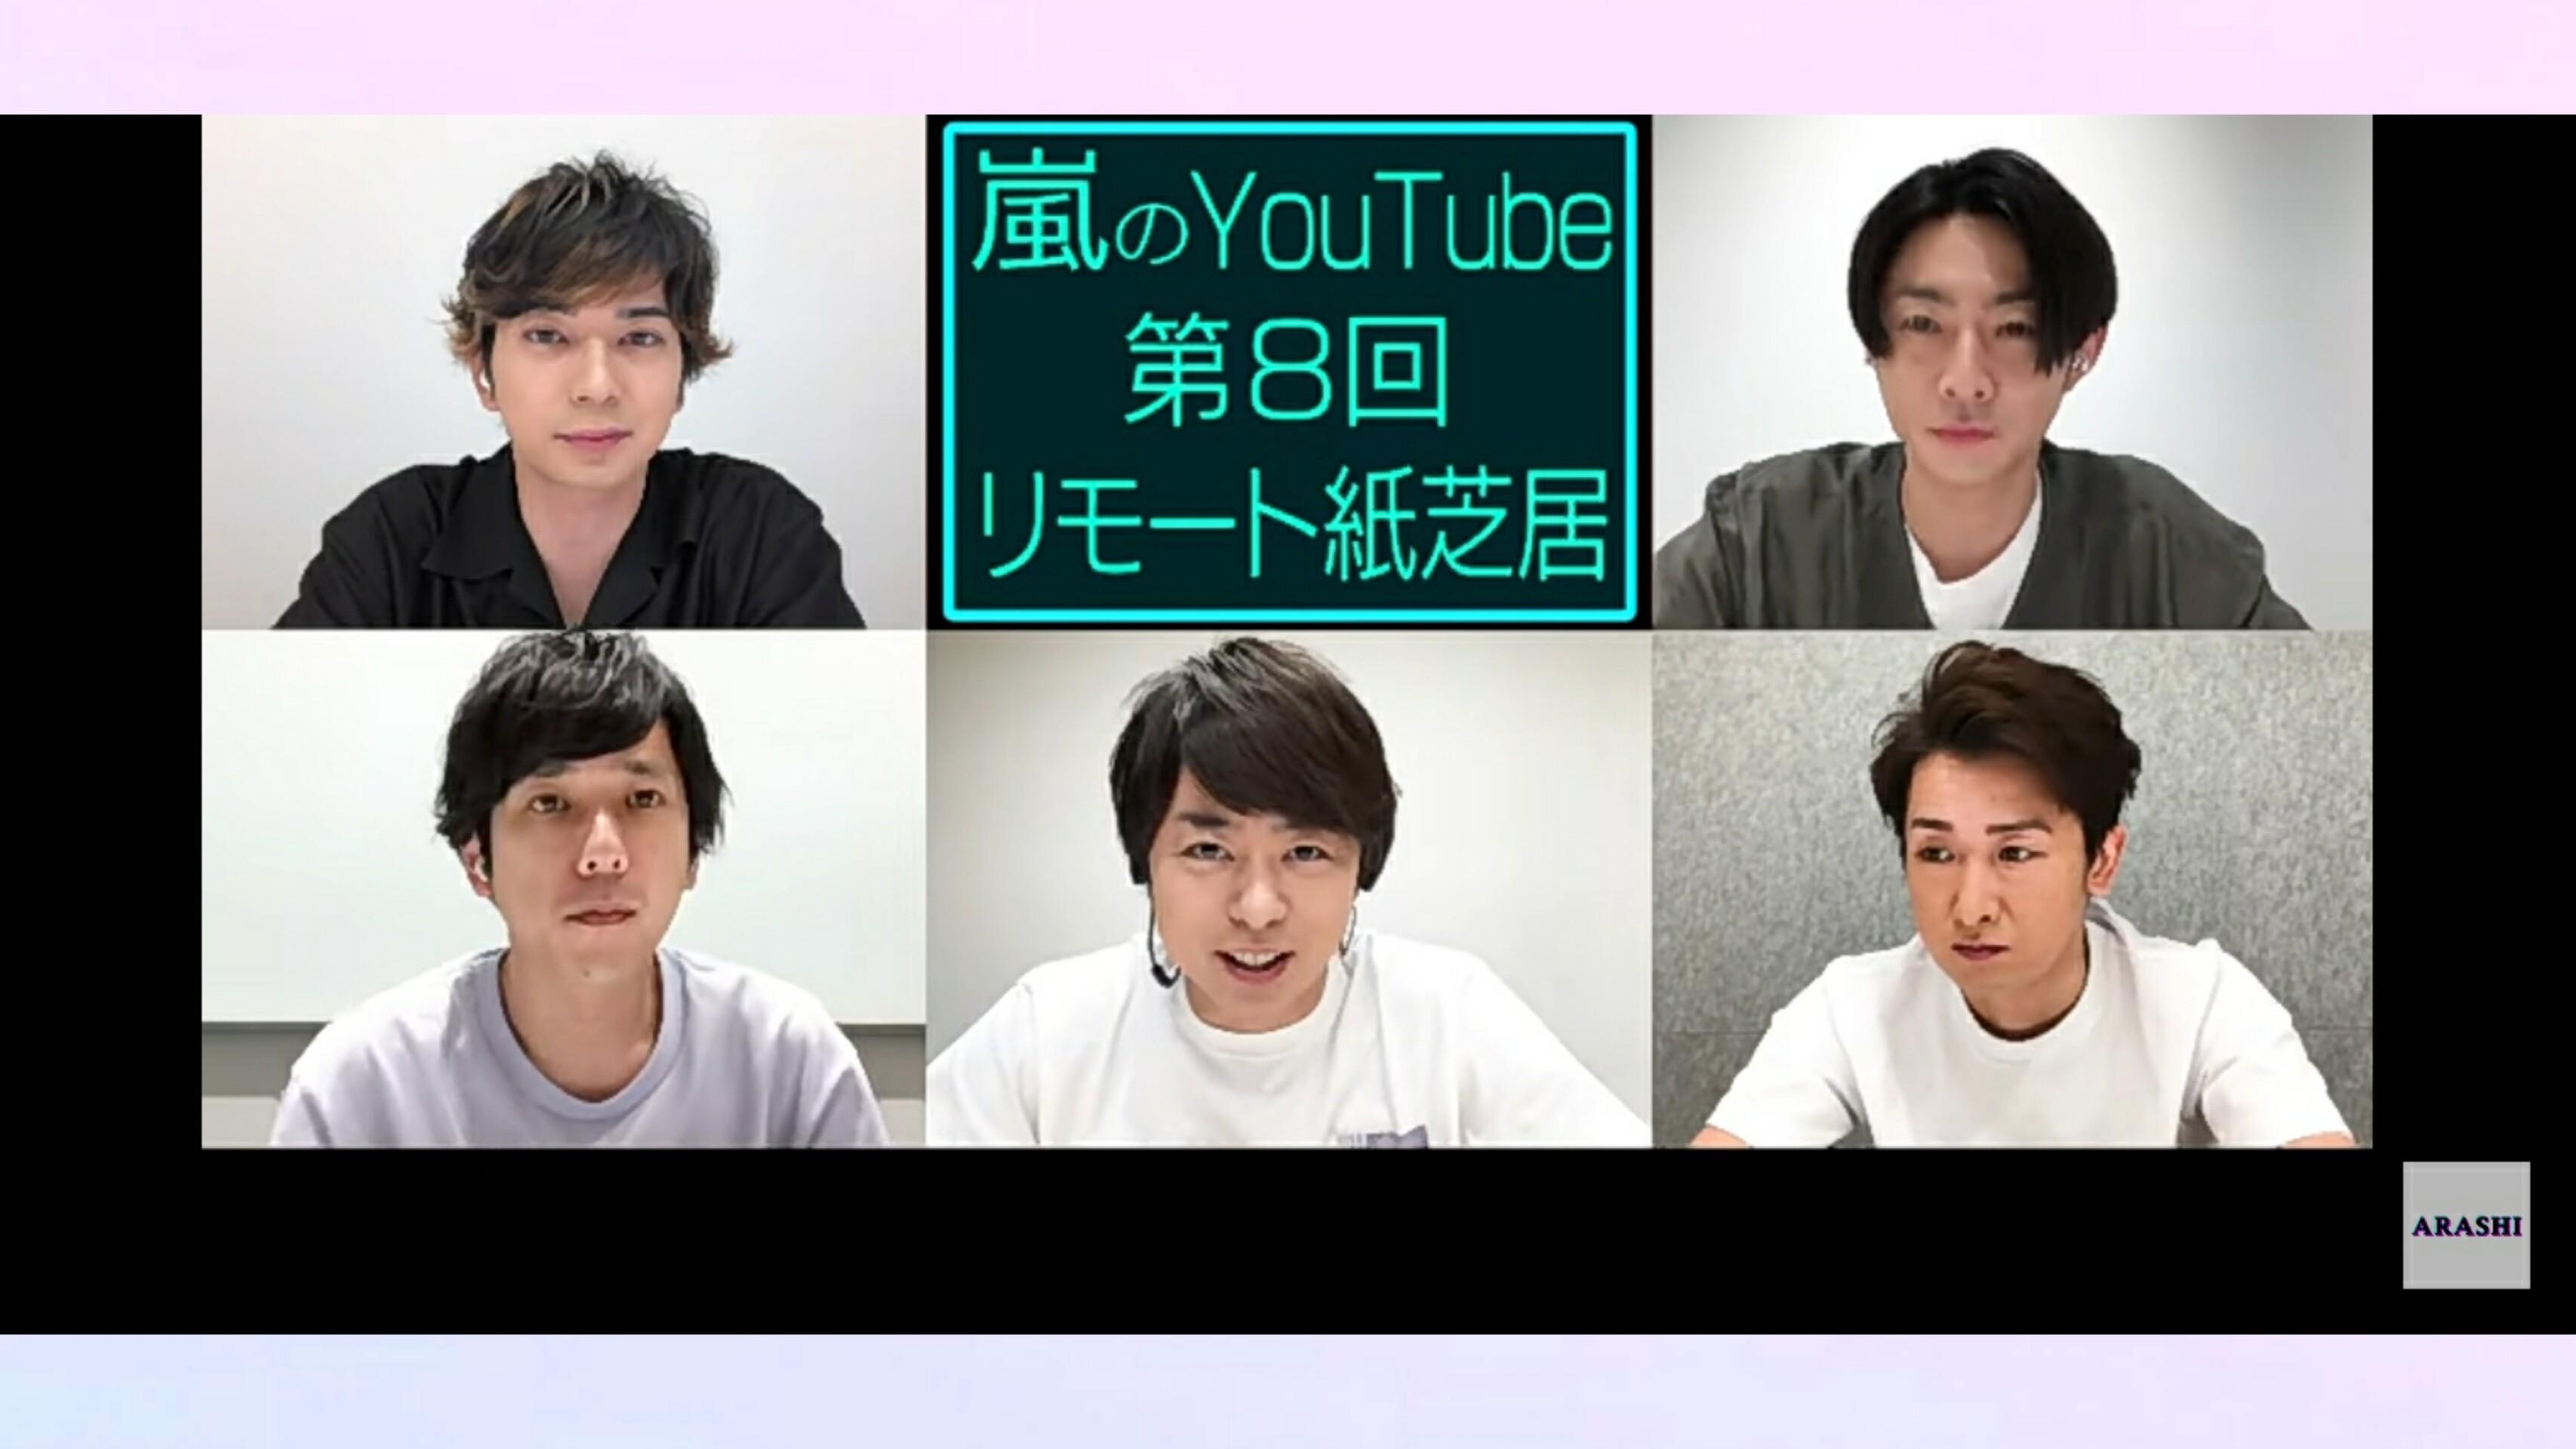 嵐 紙芝居 Youtube